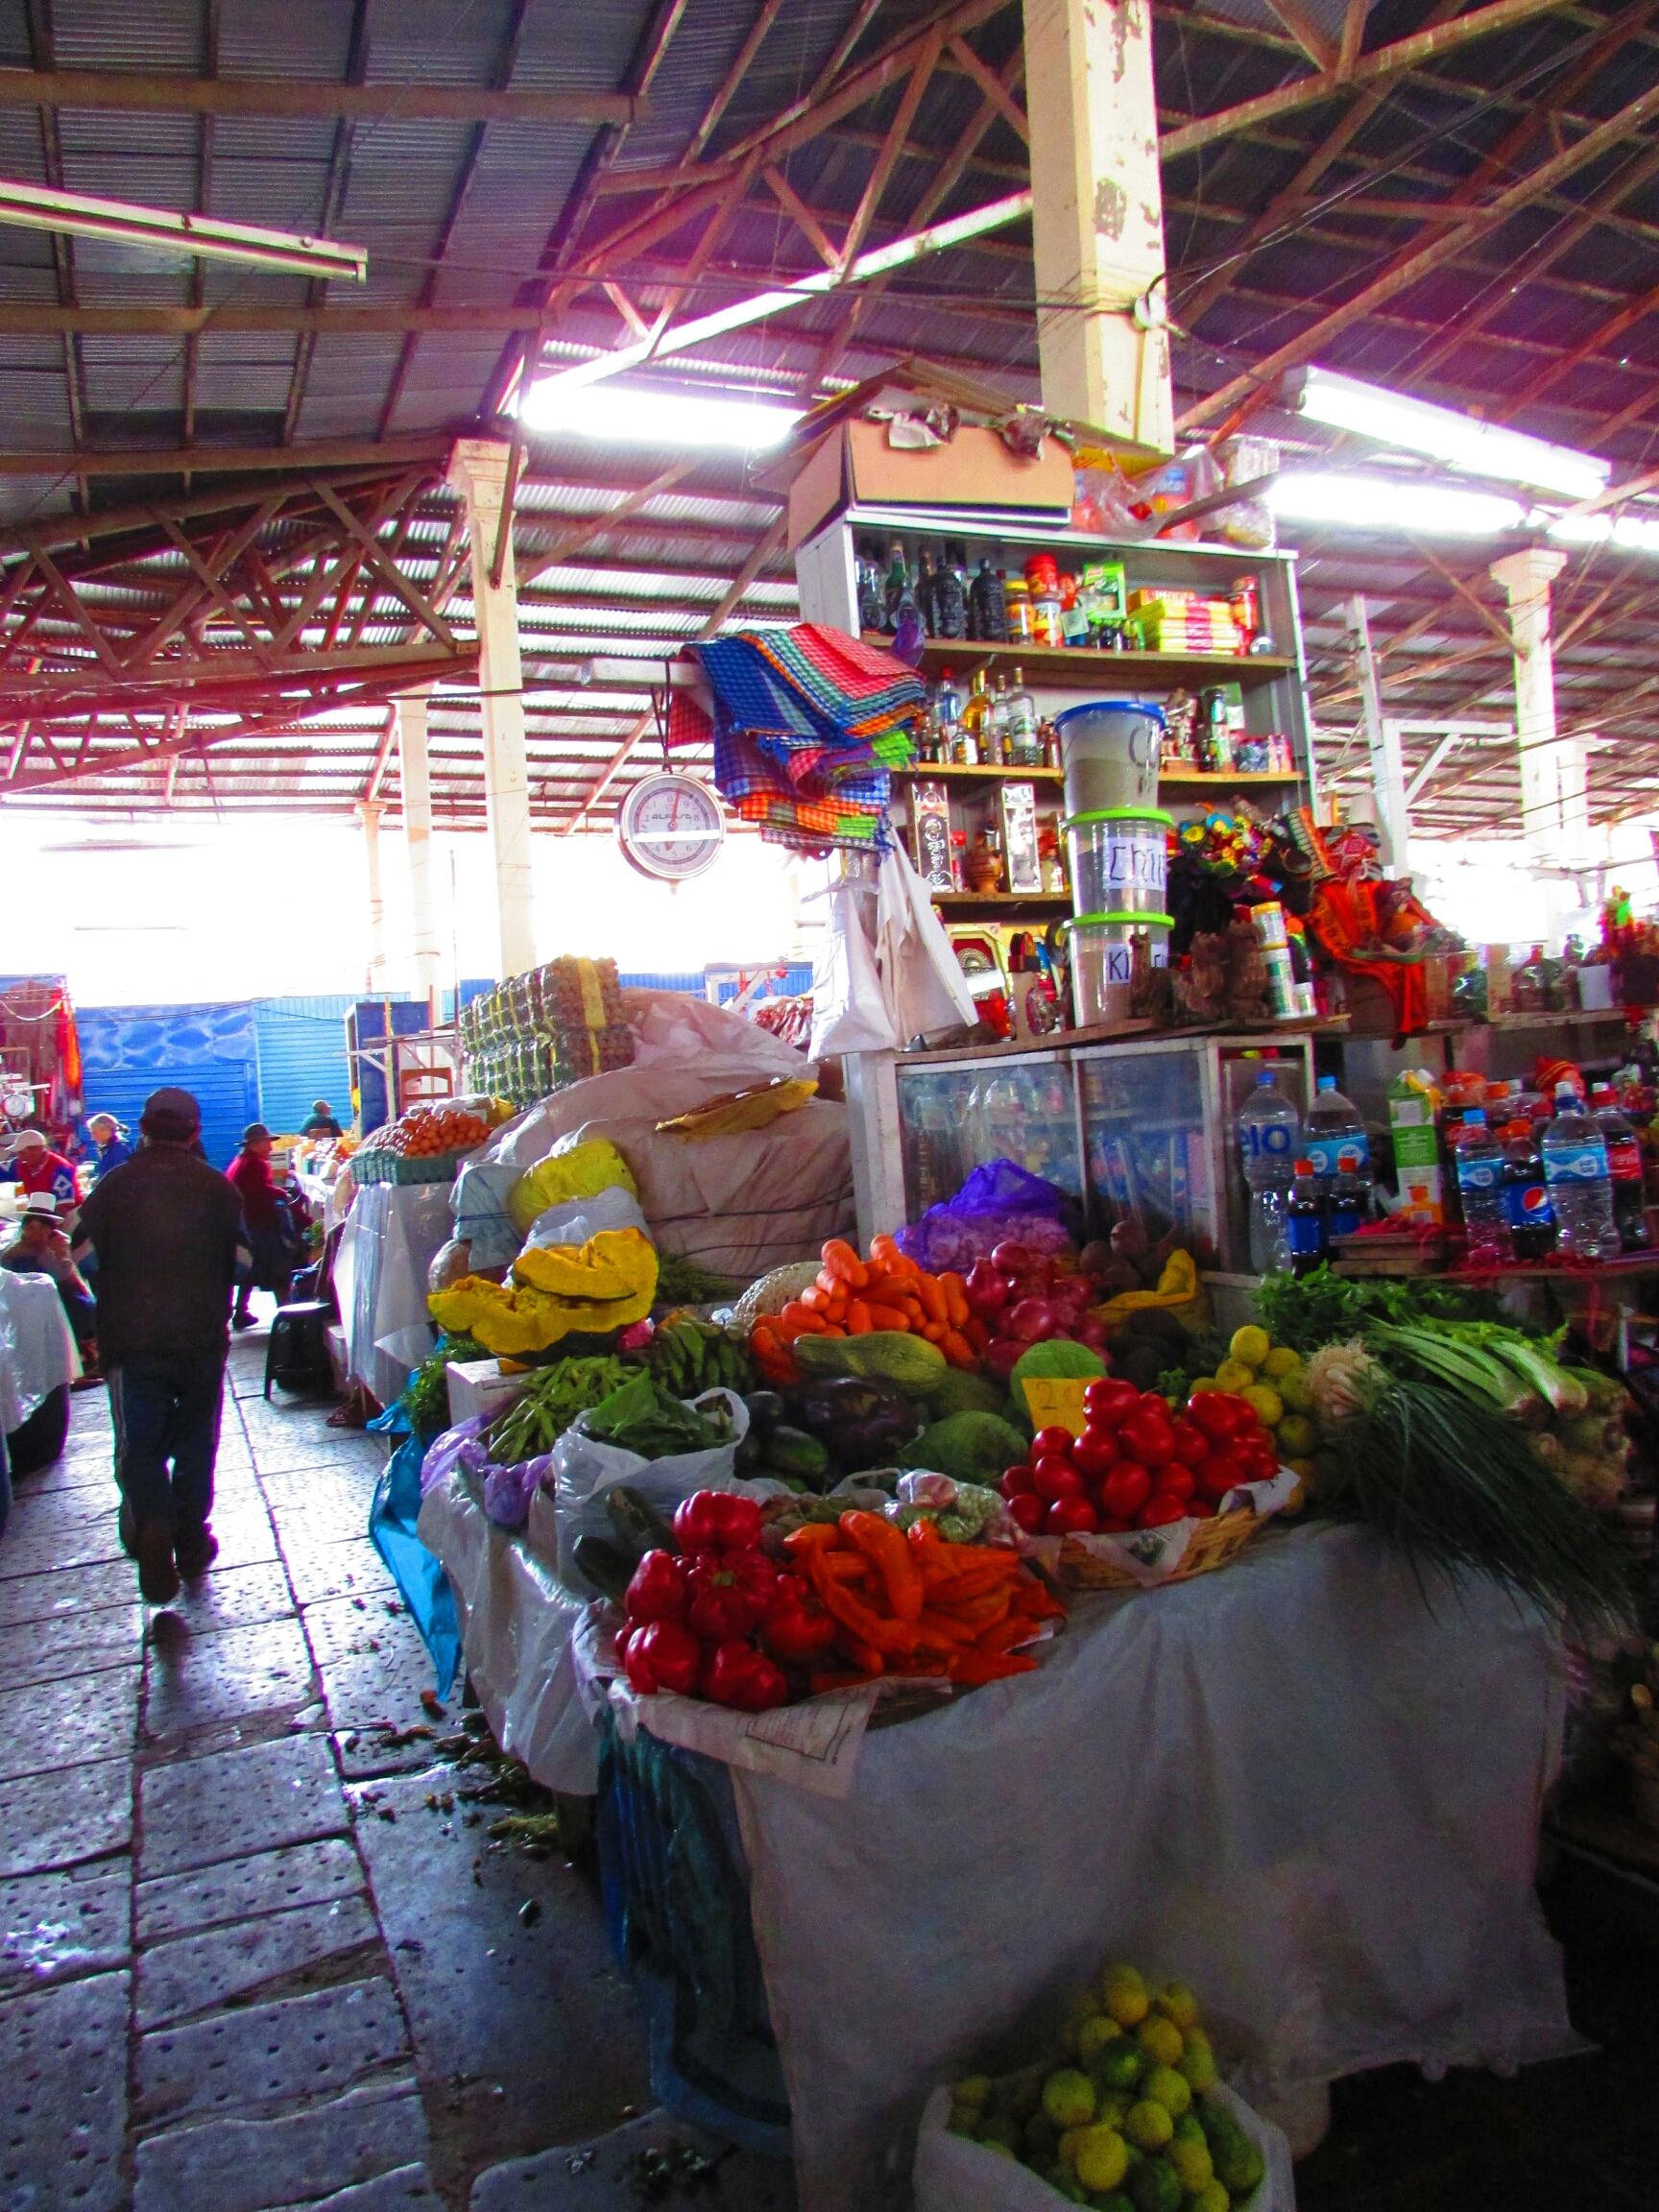 Comida tradicional y ropas típicas en el Mercado de San Pedro en Cuzco